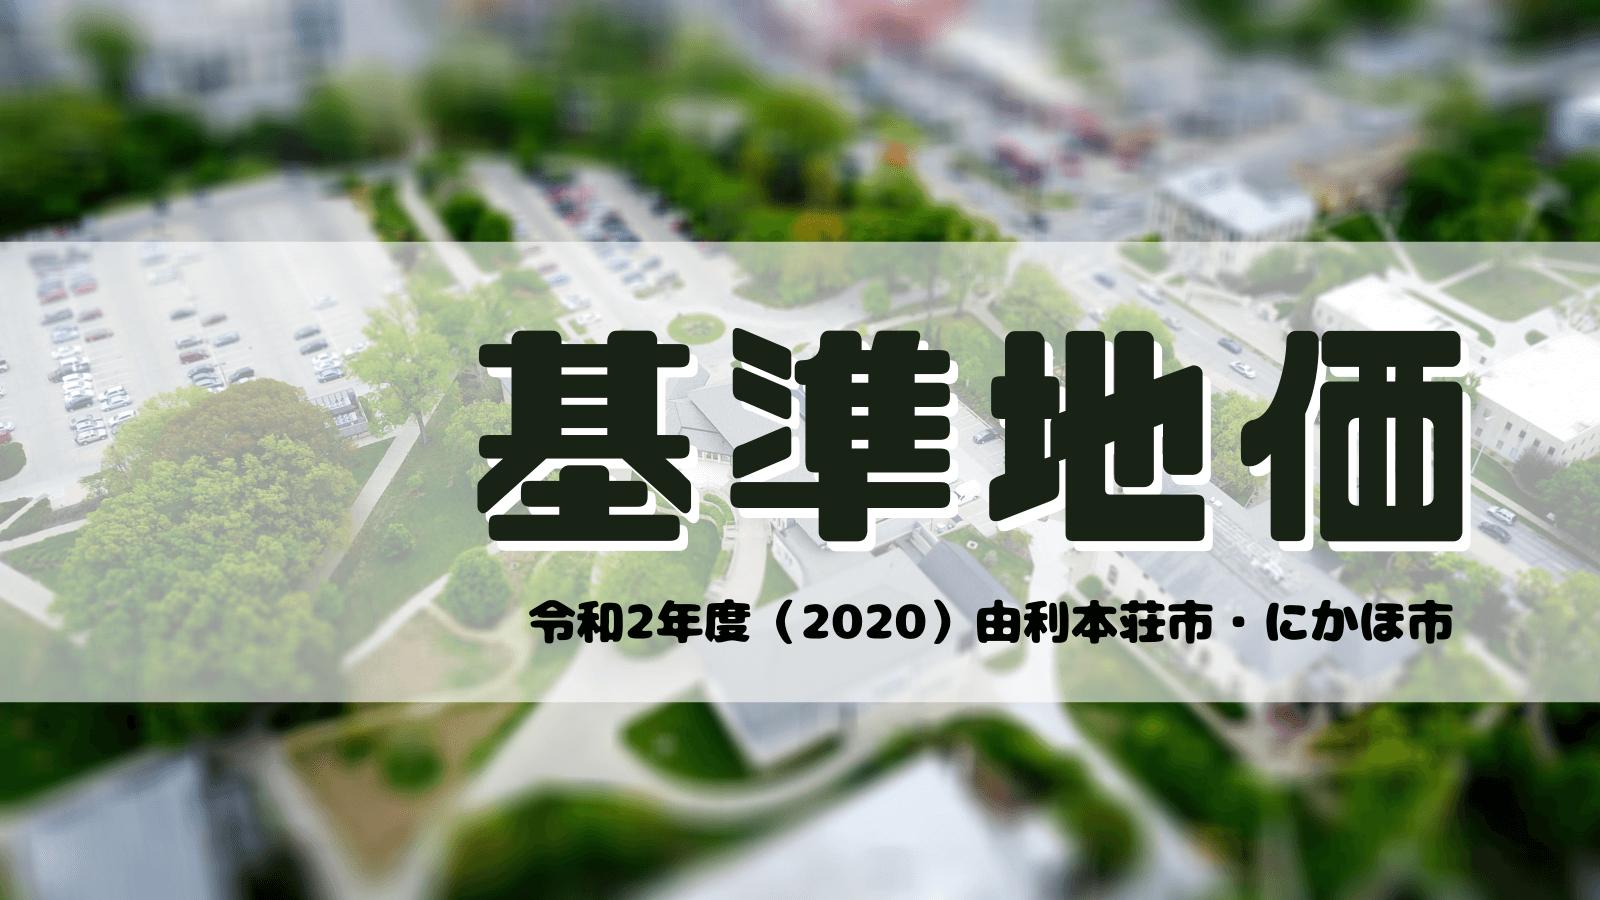 基準地価-由利本荘・にかほエリア令和2年度(2020)